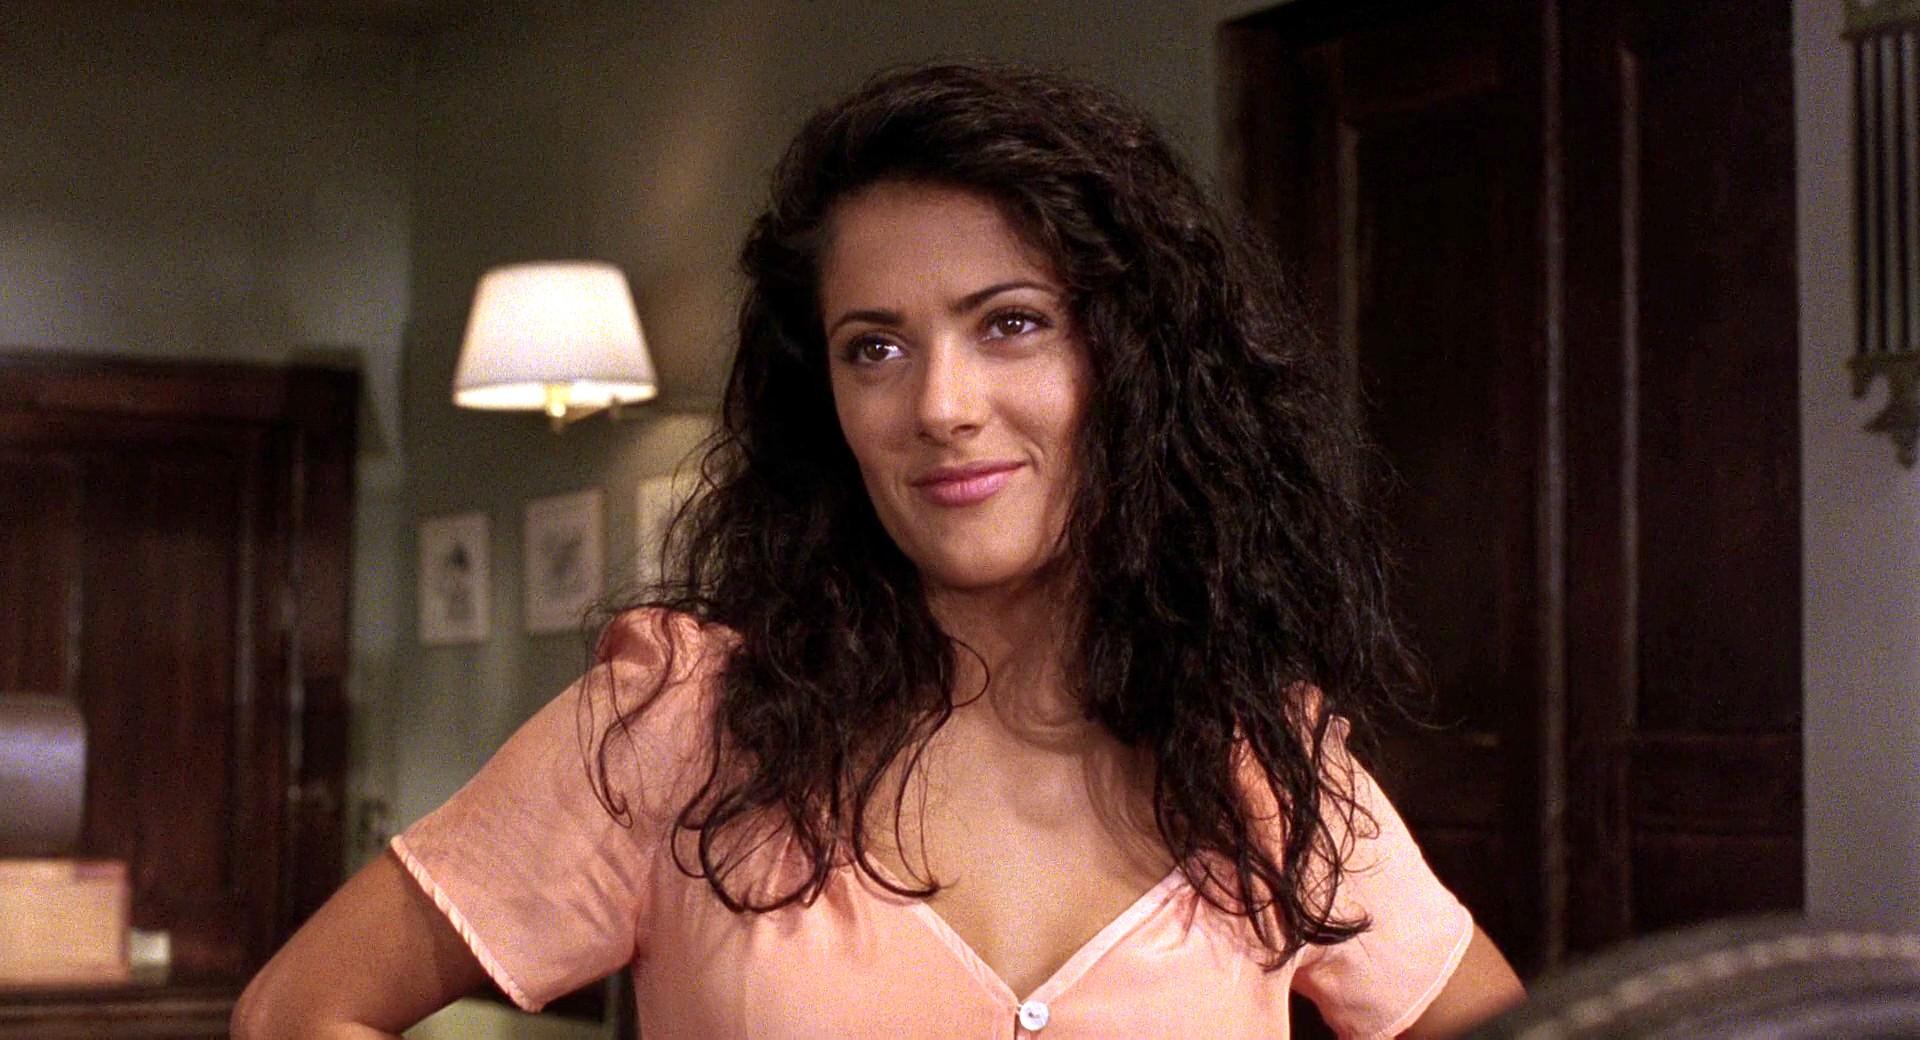 L'attrice Salma Hayek